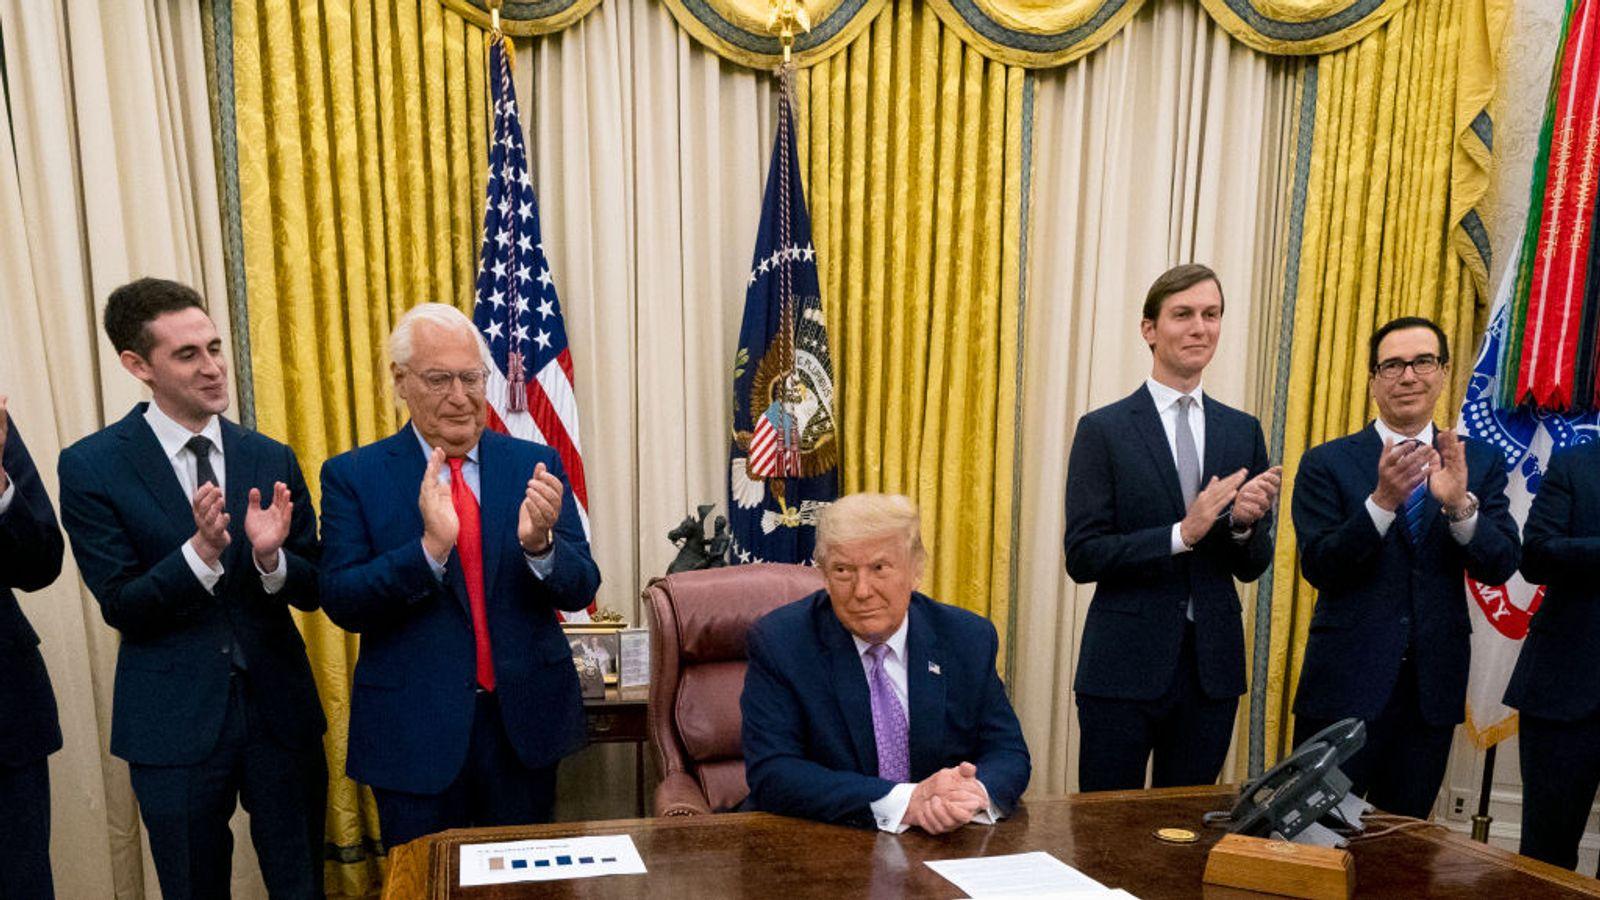 دونالد ترامپ نامزد دریافت جایزه صلح نوبل ۲۰۲۰ شد